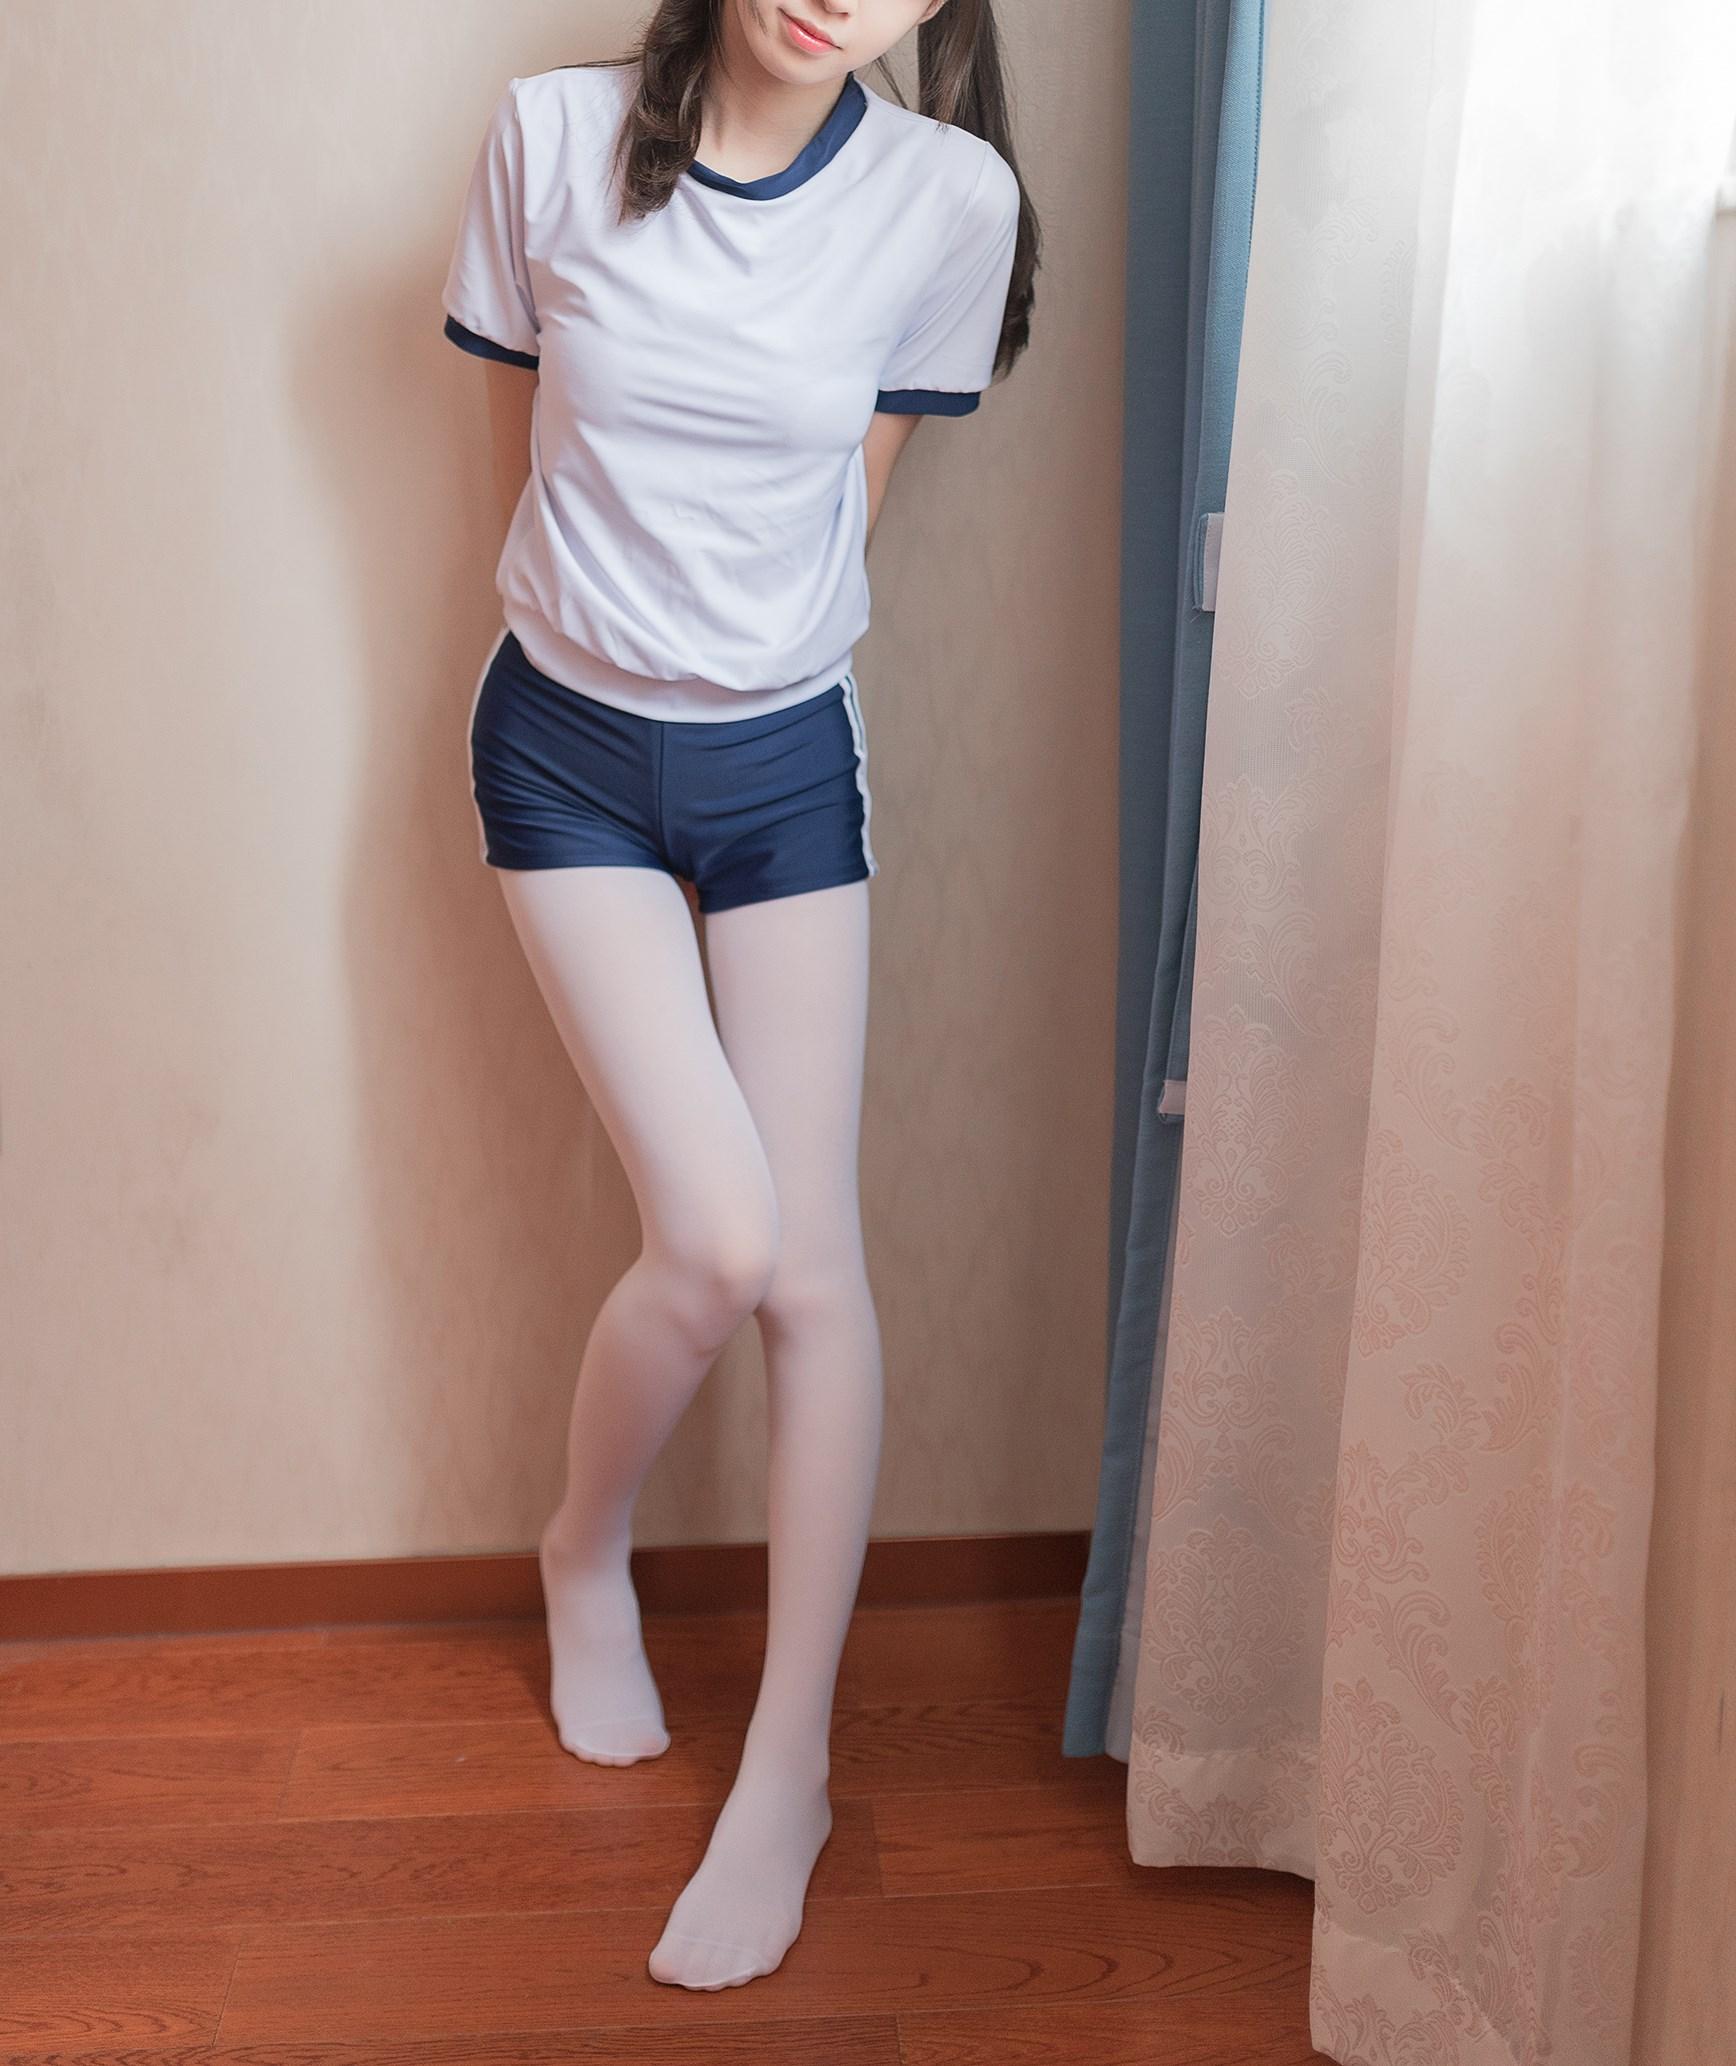 【兔玩映画】细腻的大长腿 兔玩映画 第15张